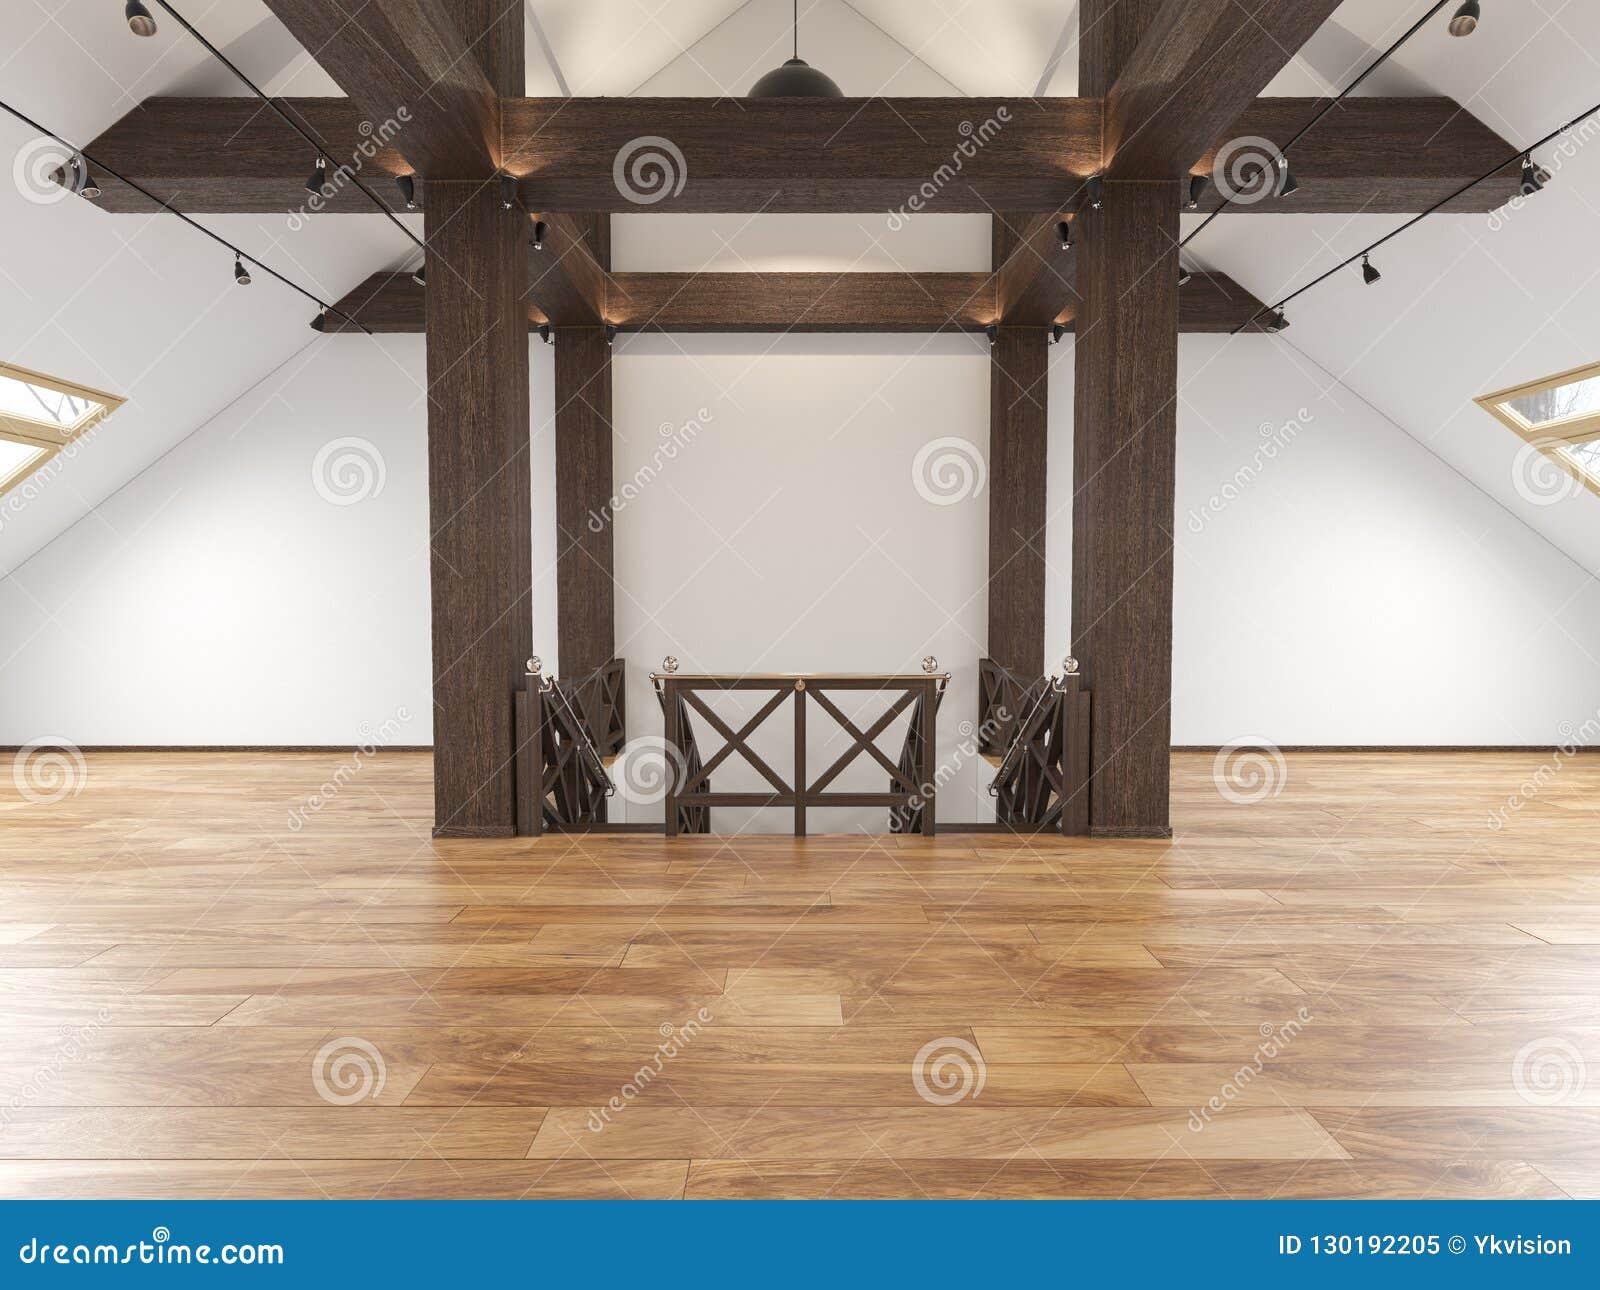 Het zolder lege binnenland van de zolderopen plek met stralen, vensters, trap, houten vloer